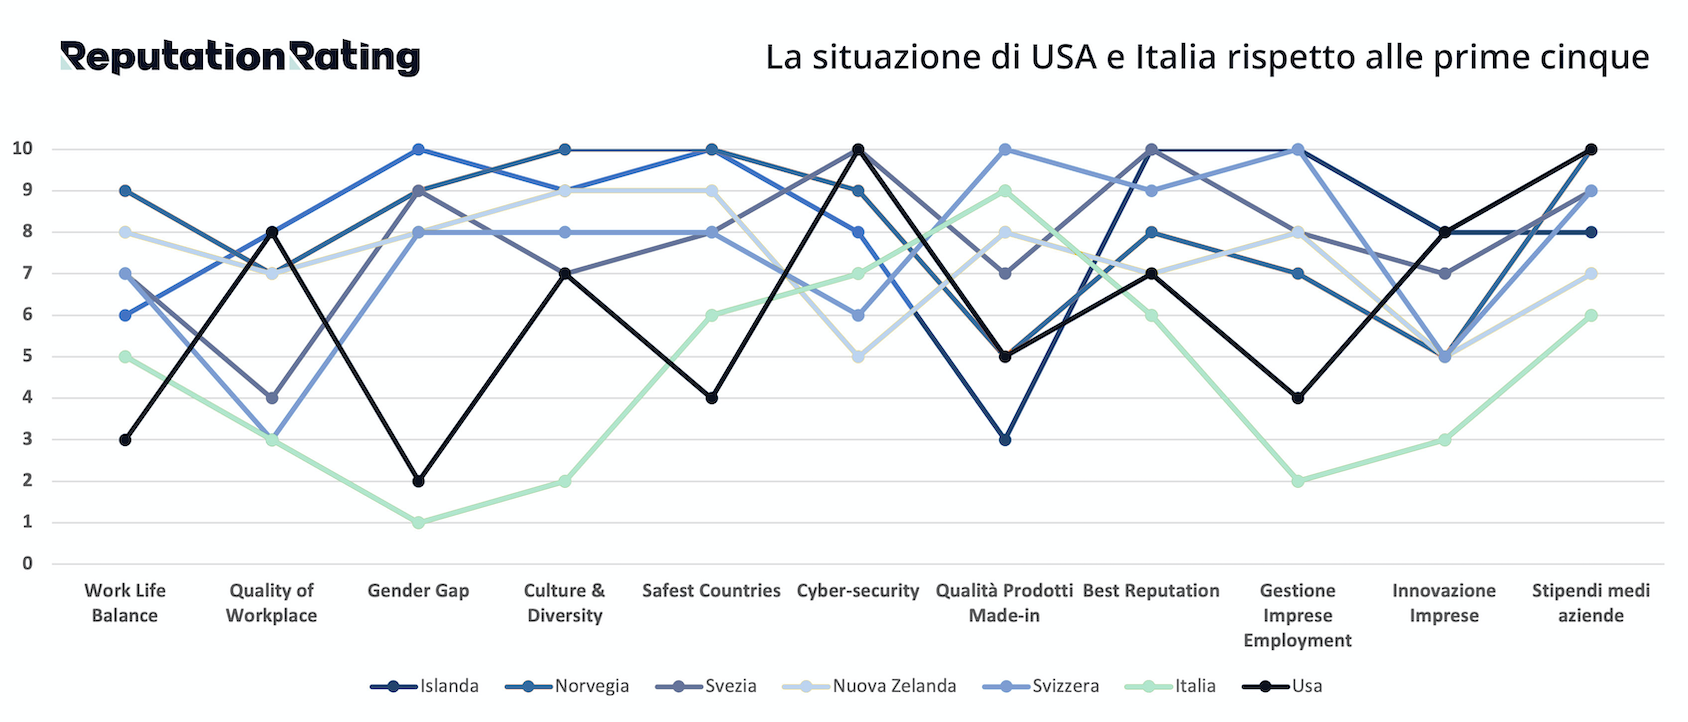 islanda reputazione imprese italiane rating mondiale lassifica zwan ilaria rebecchi gatte vicentine gender gap aziende italia